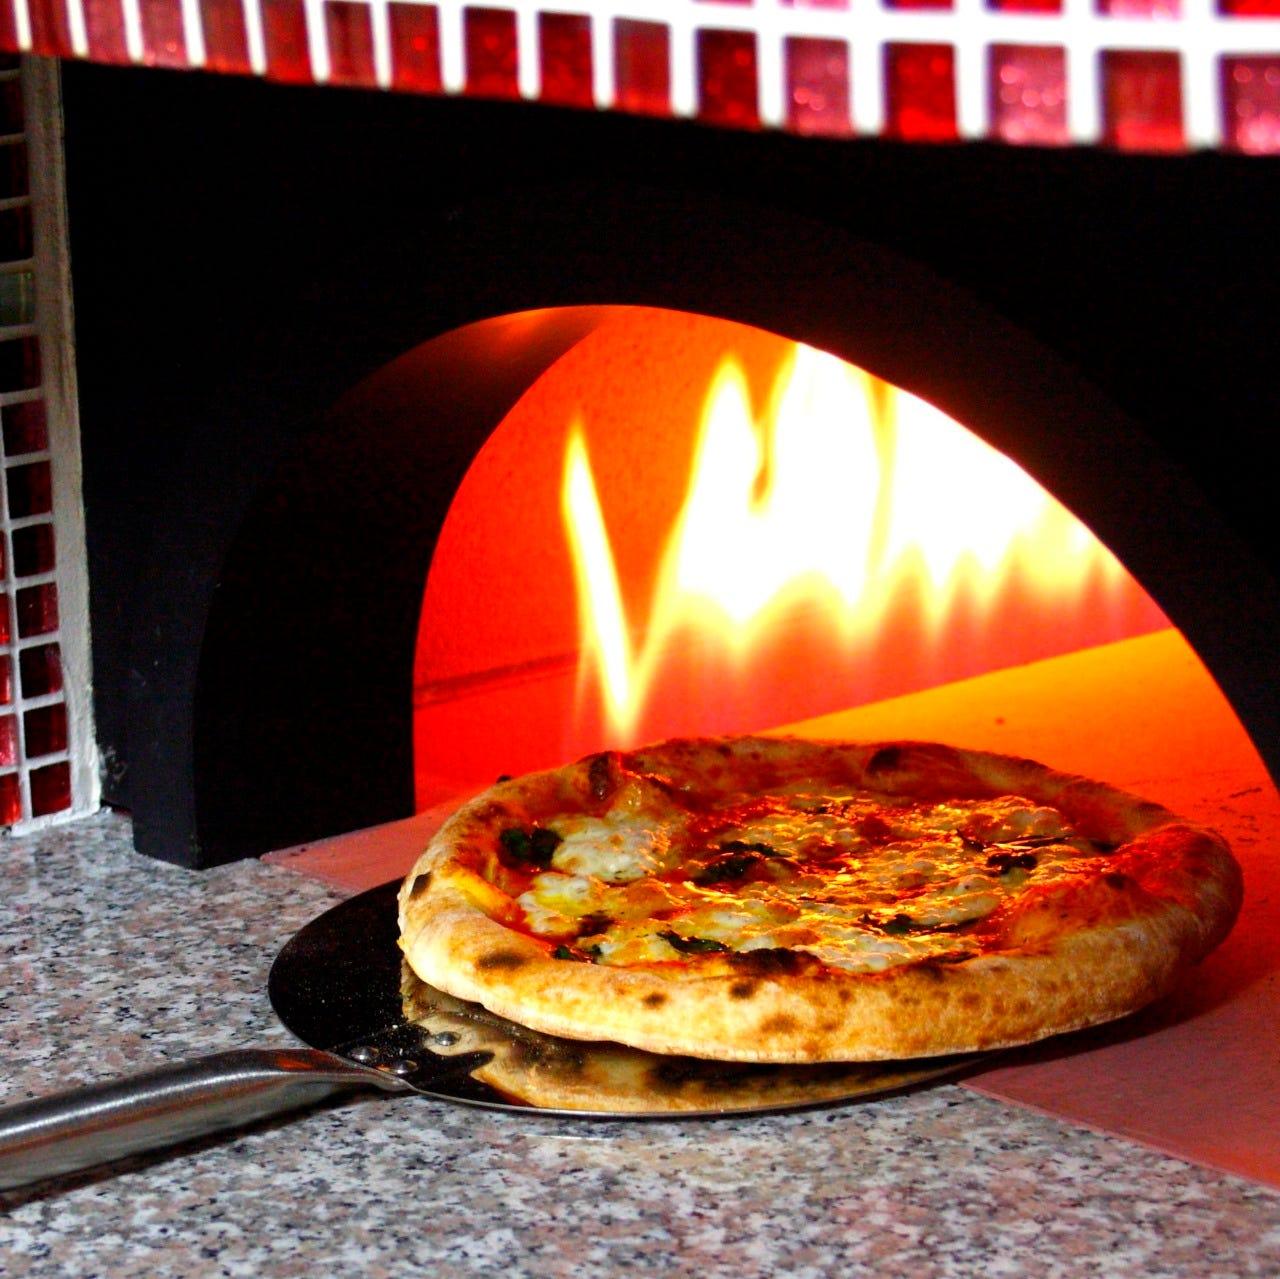 100%イタリア産ピザ粉!ピザ職人が作る、本格石窯ピザ♪